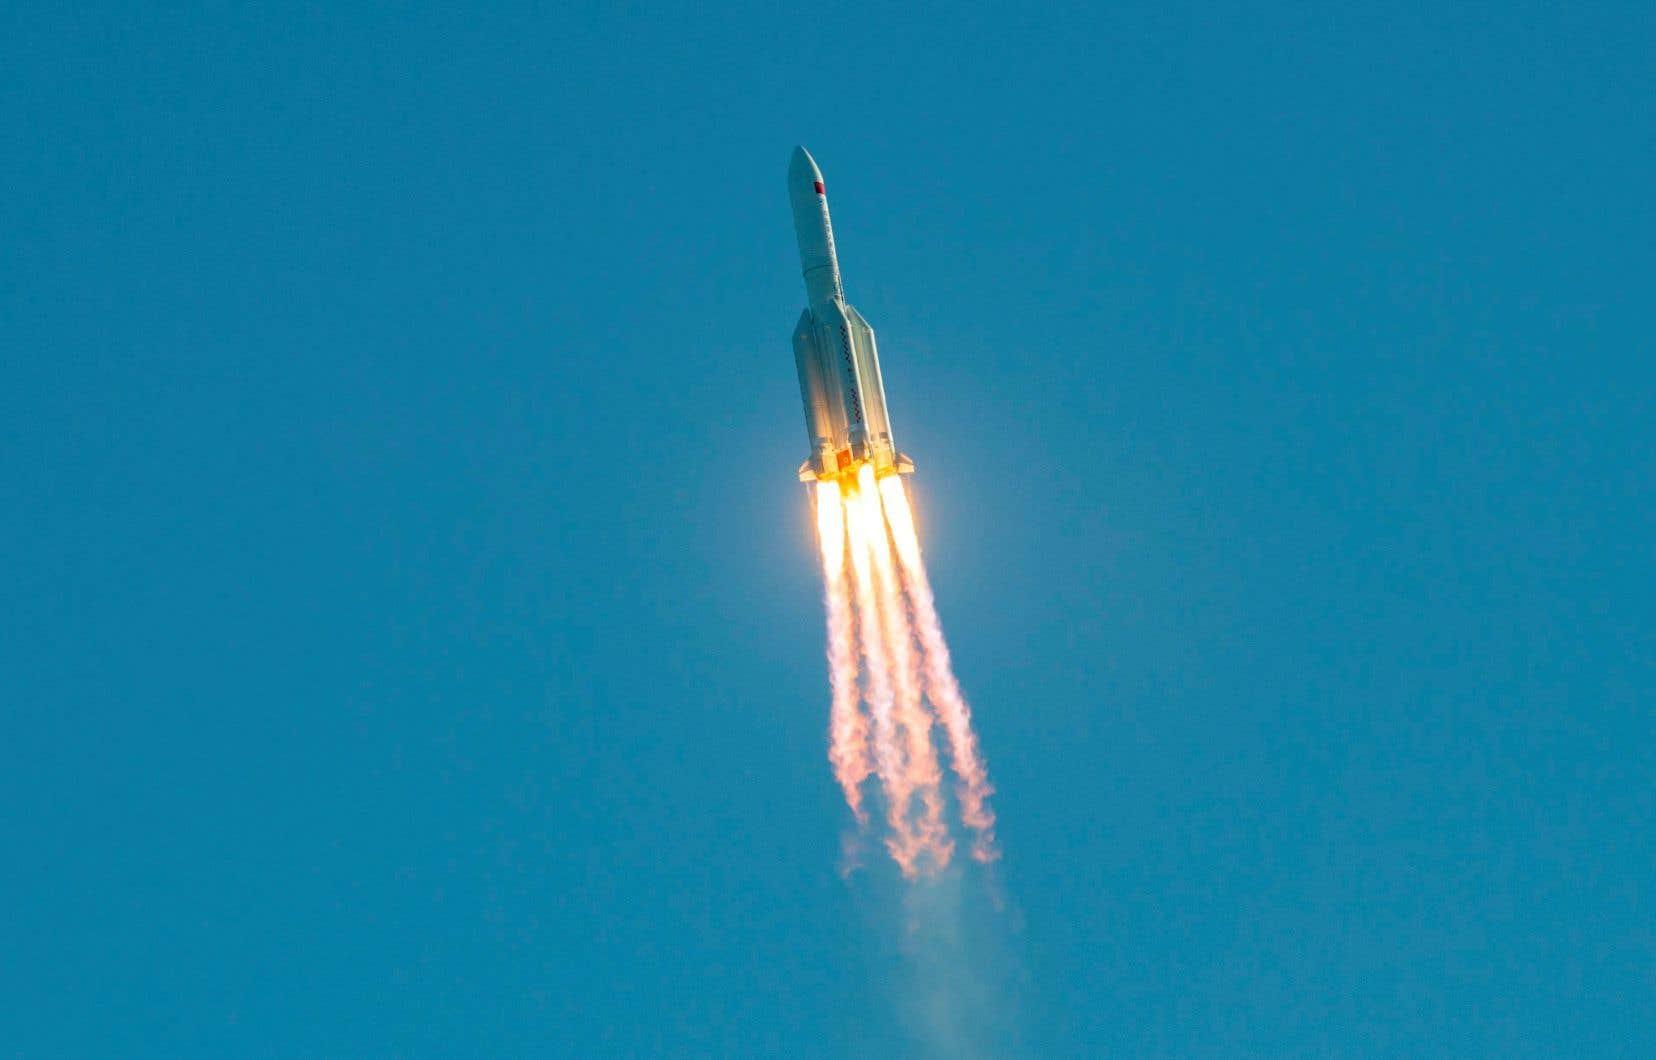 Le vaisseau avait été lancé mardi, sans équipage à son bord, à l'aide d'une fusée Longue-Marche 5B, la plus puissante jamais utilisée par la Chine et qui permettra notamment d'acheminer les éléments de la future station spatiale.